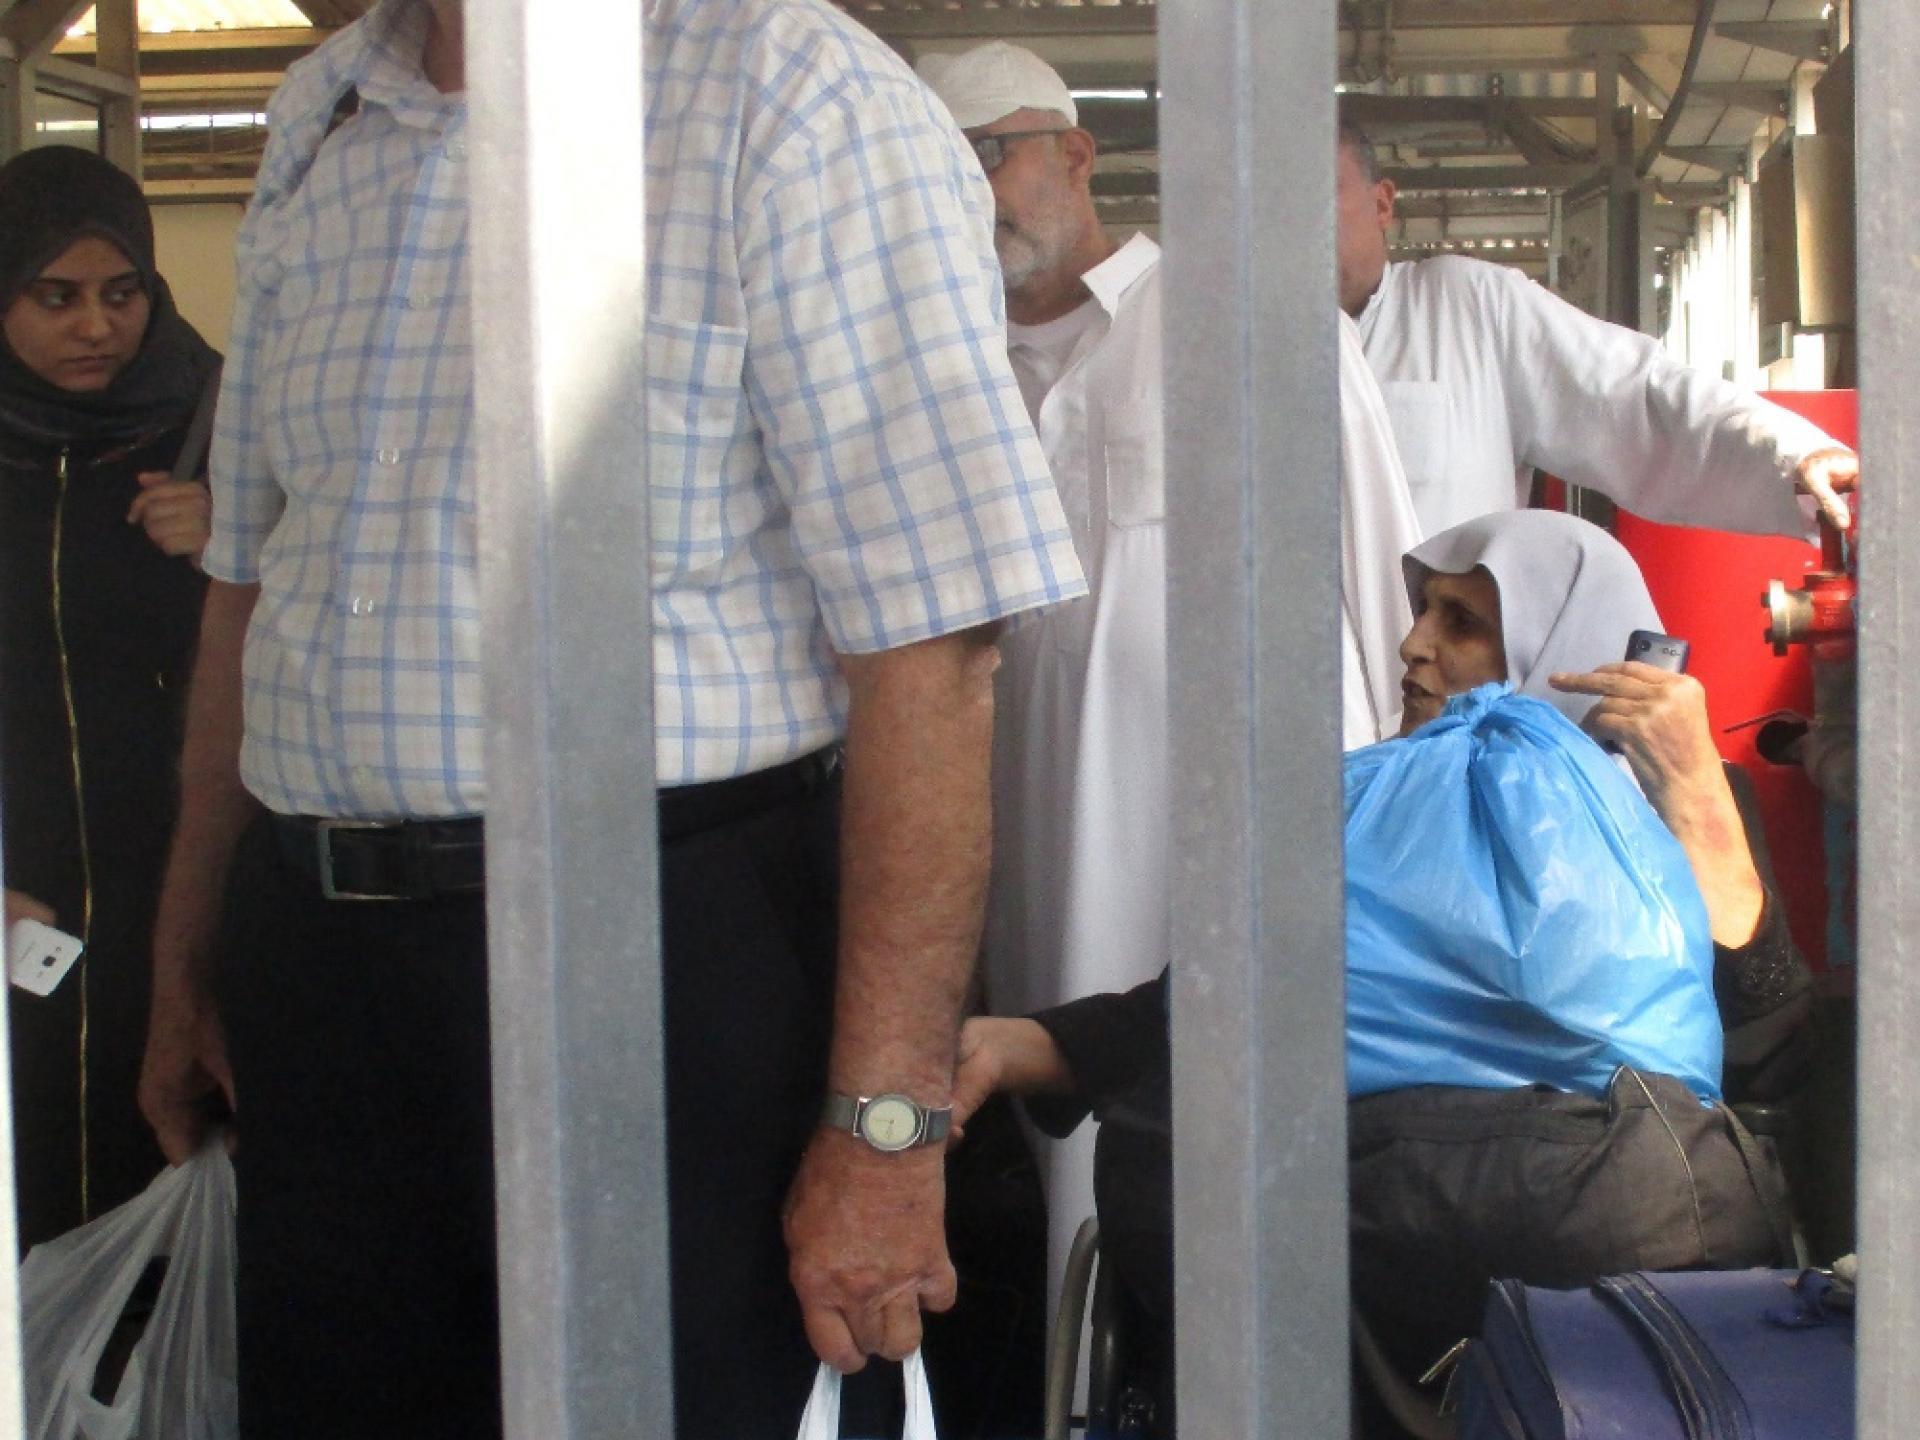 מחסום קלנדיה 5.8.2018  מחכים בשקט לעבור את המחסום בדרך הביתה לעזה